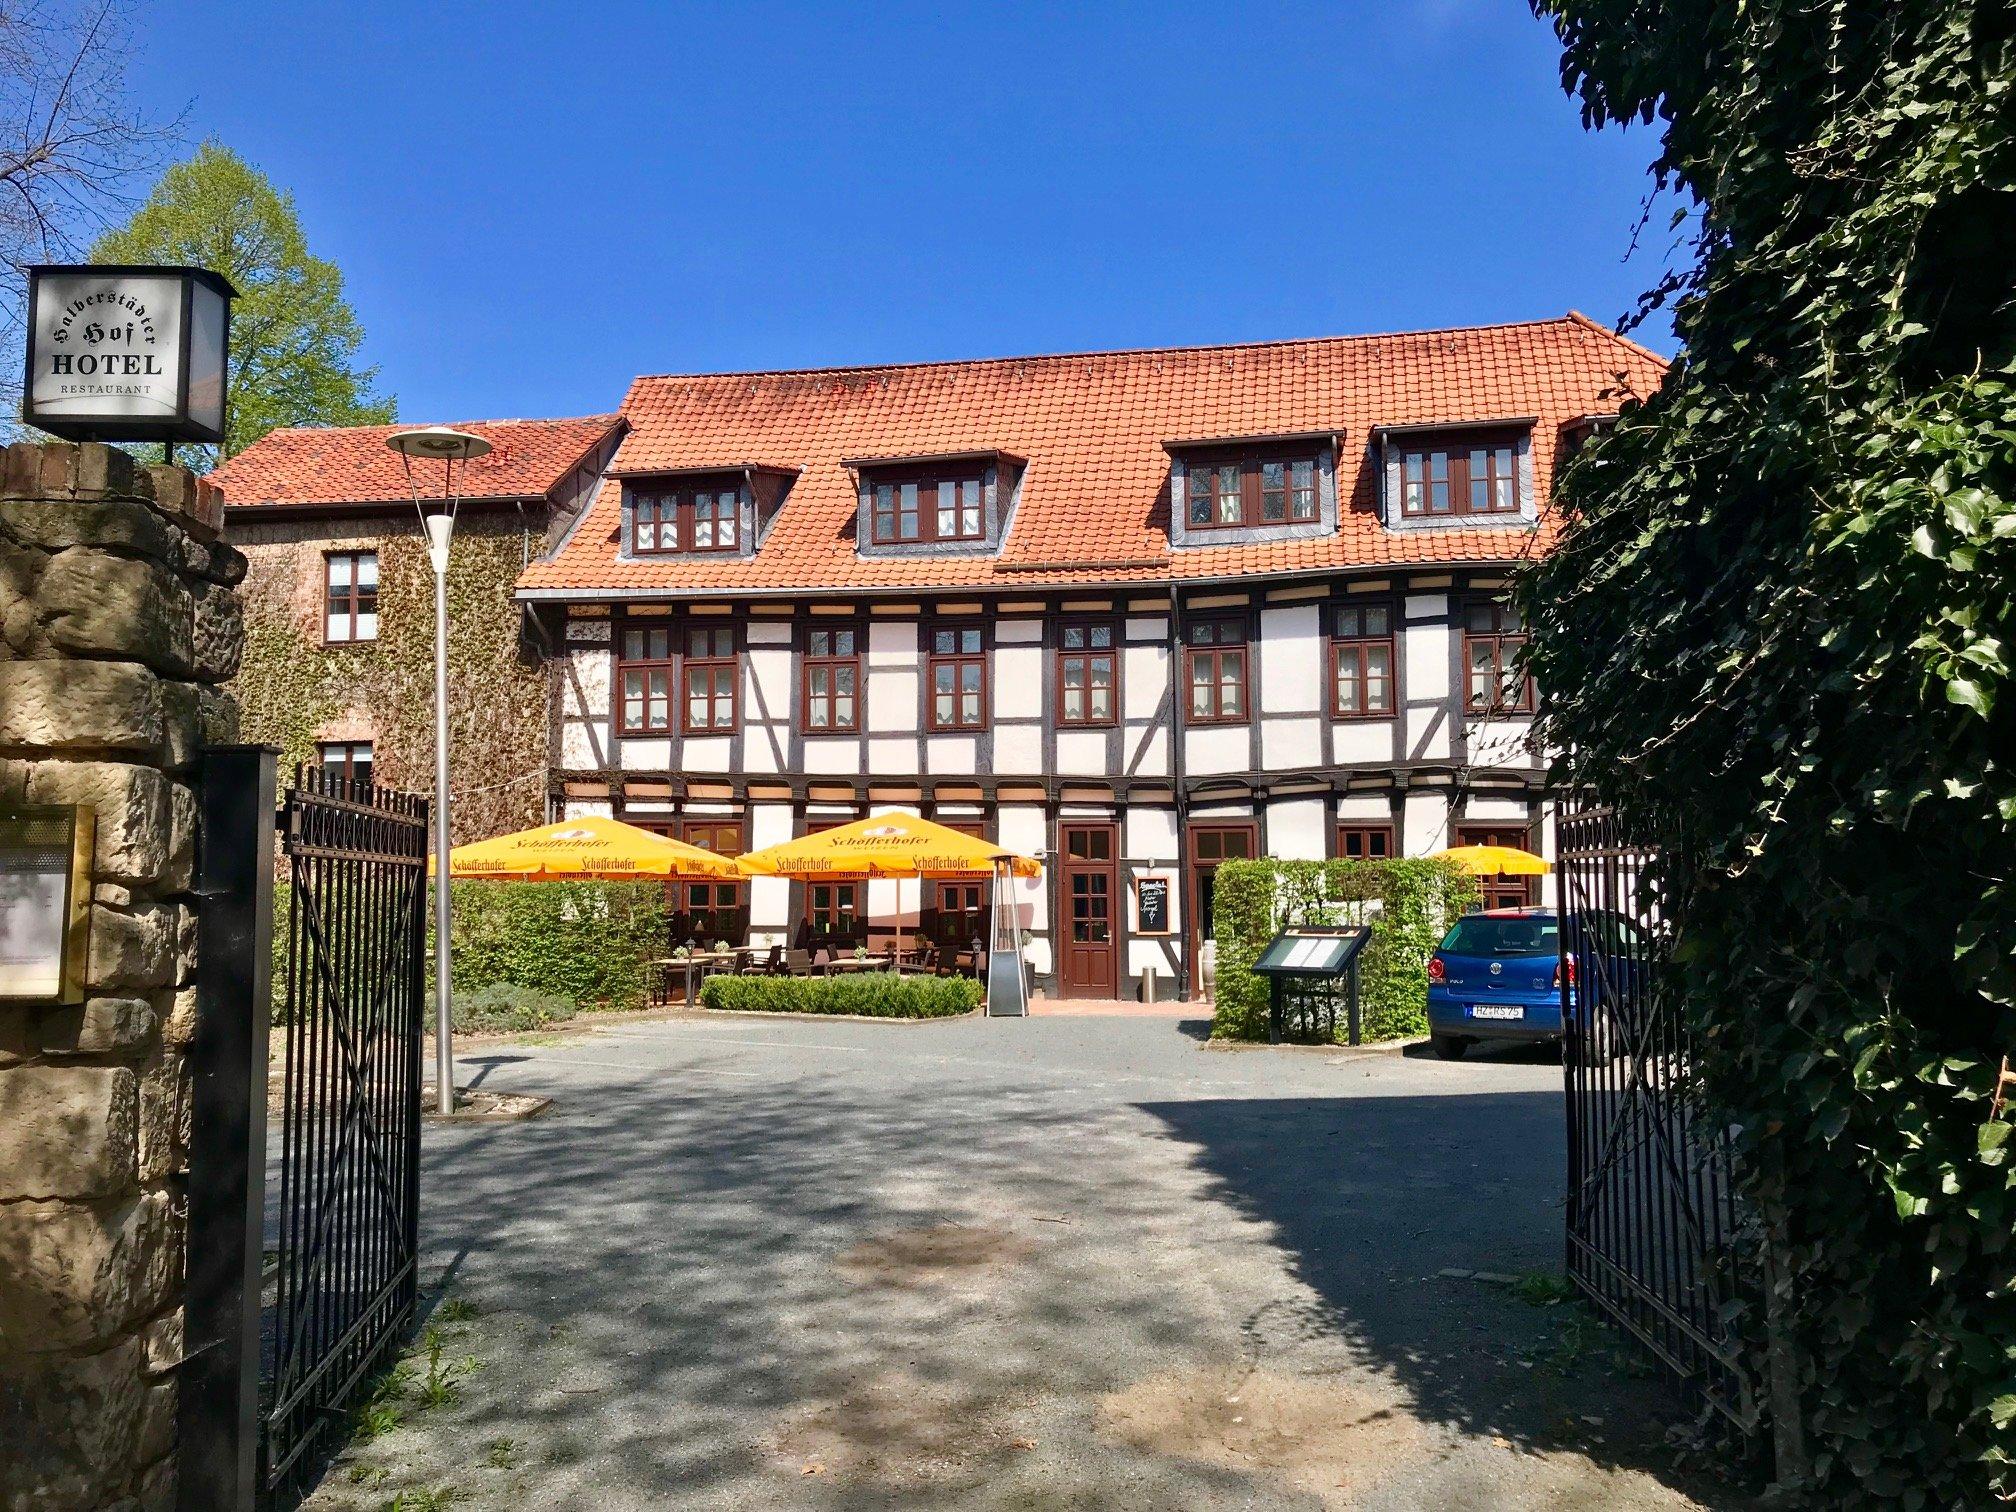 Купить дом в хальберштадте